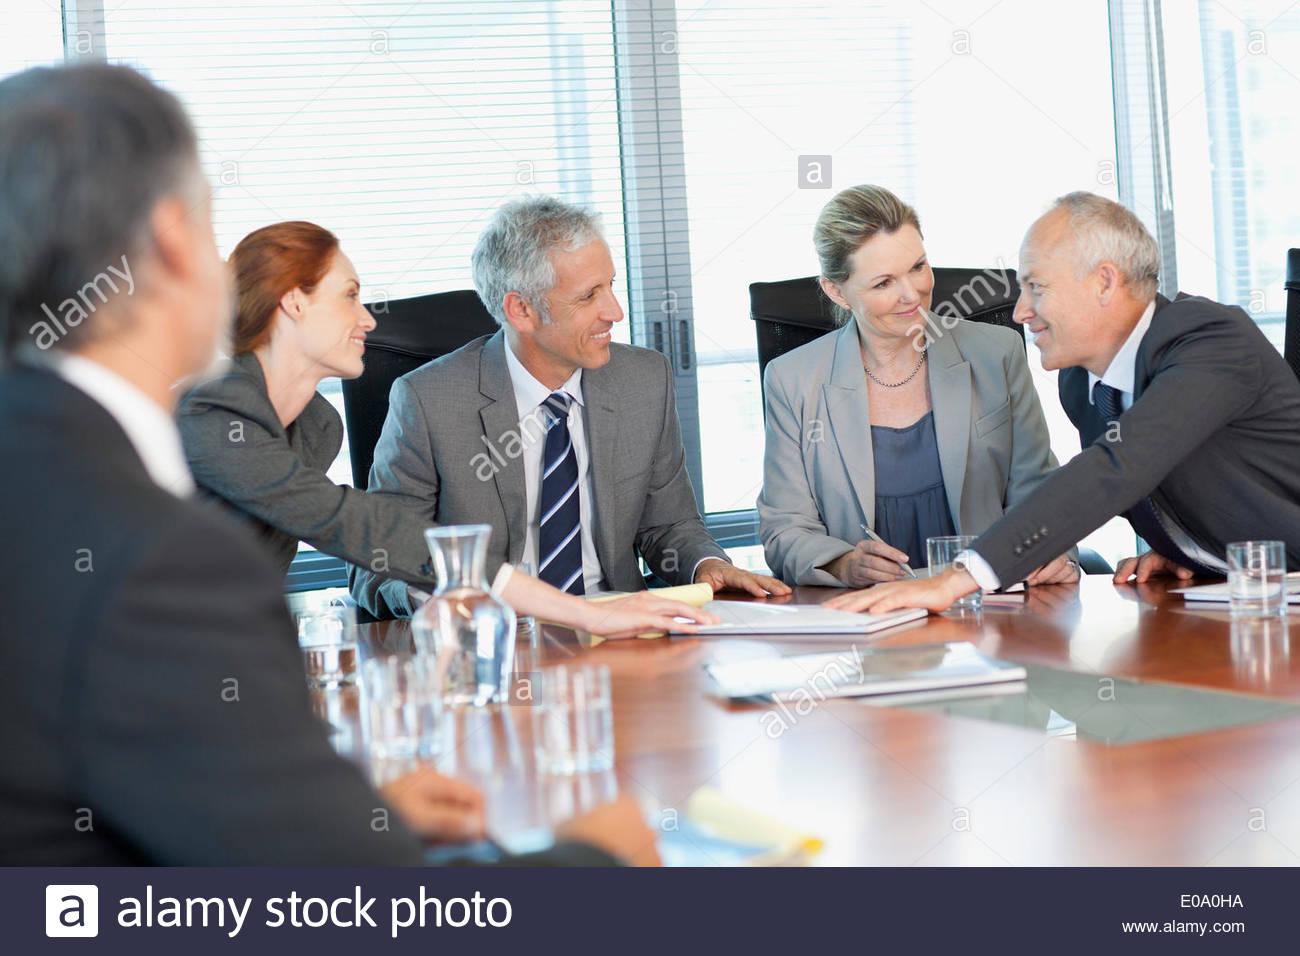 Reunión de gente de negocios sonriendo a la mesa en la sala de conferencias Imagen De Stock